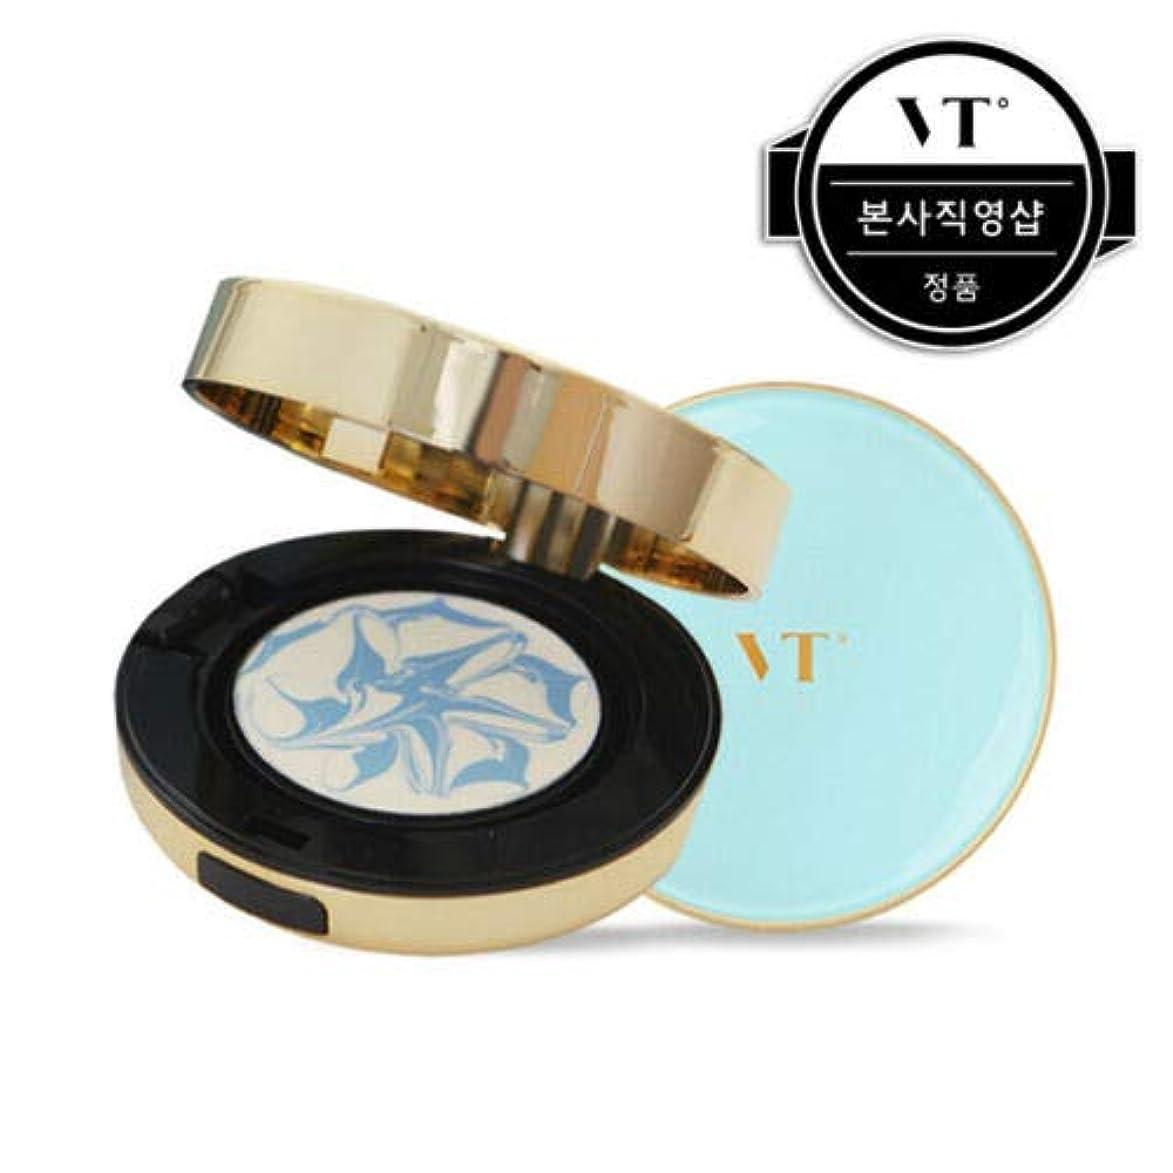 銛形容詞測定VT Cosmetic Essence Sun Pact エッセンス サン パクト 本品11g + リフィール 11g, SPF50+/PA+++